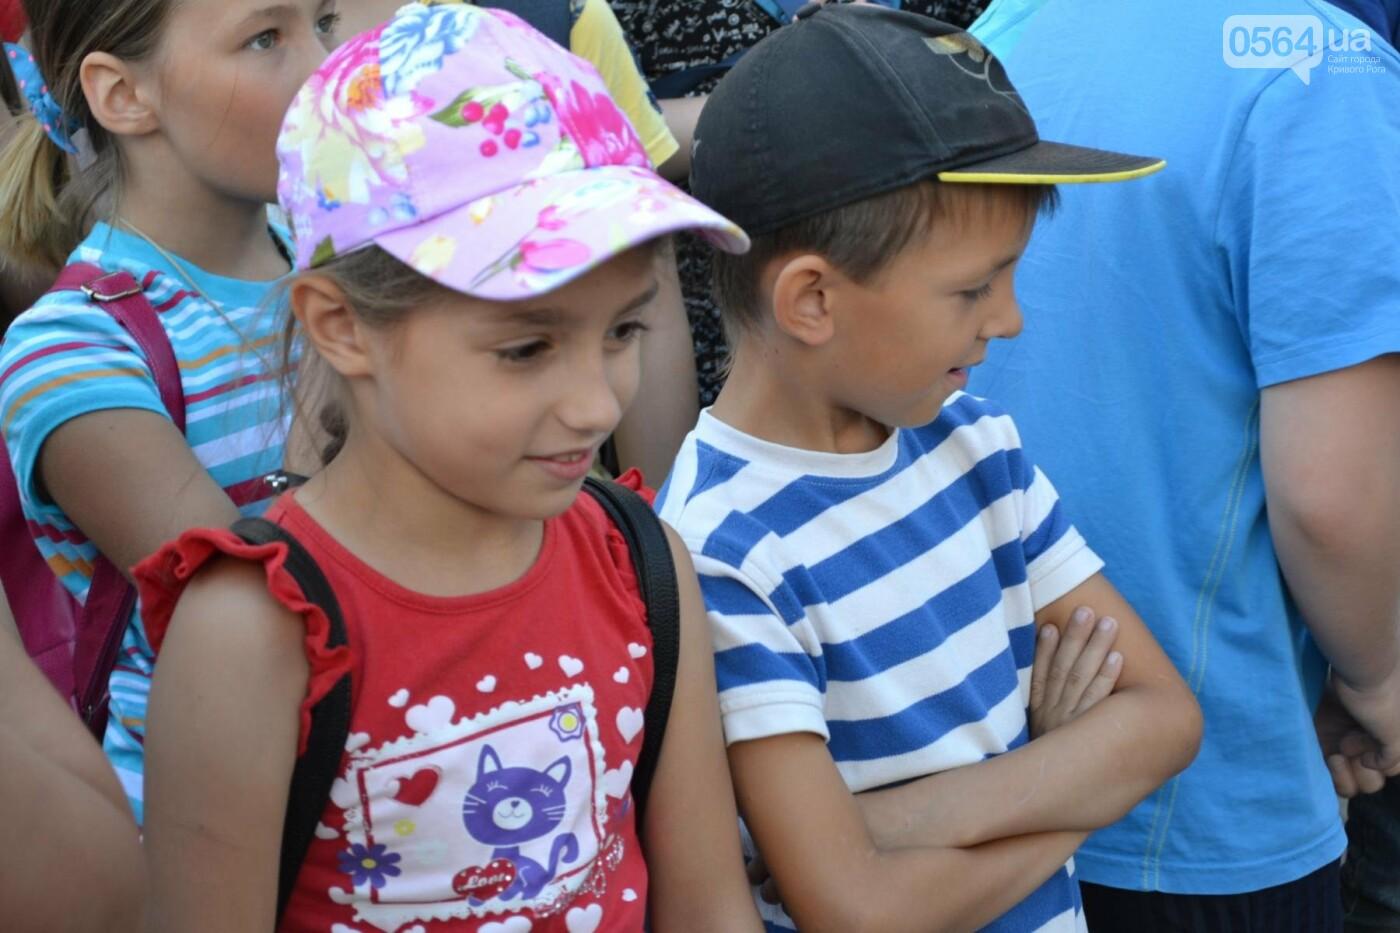 Патрульная полиция Кривого Рога отметила свой День рождения с детворой,- ФОТО, фото-2